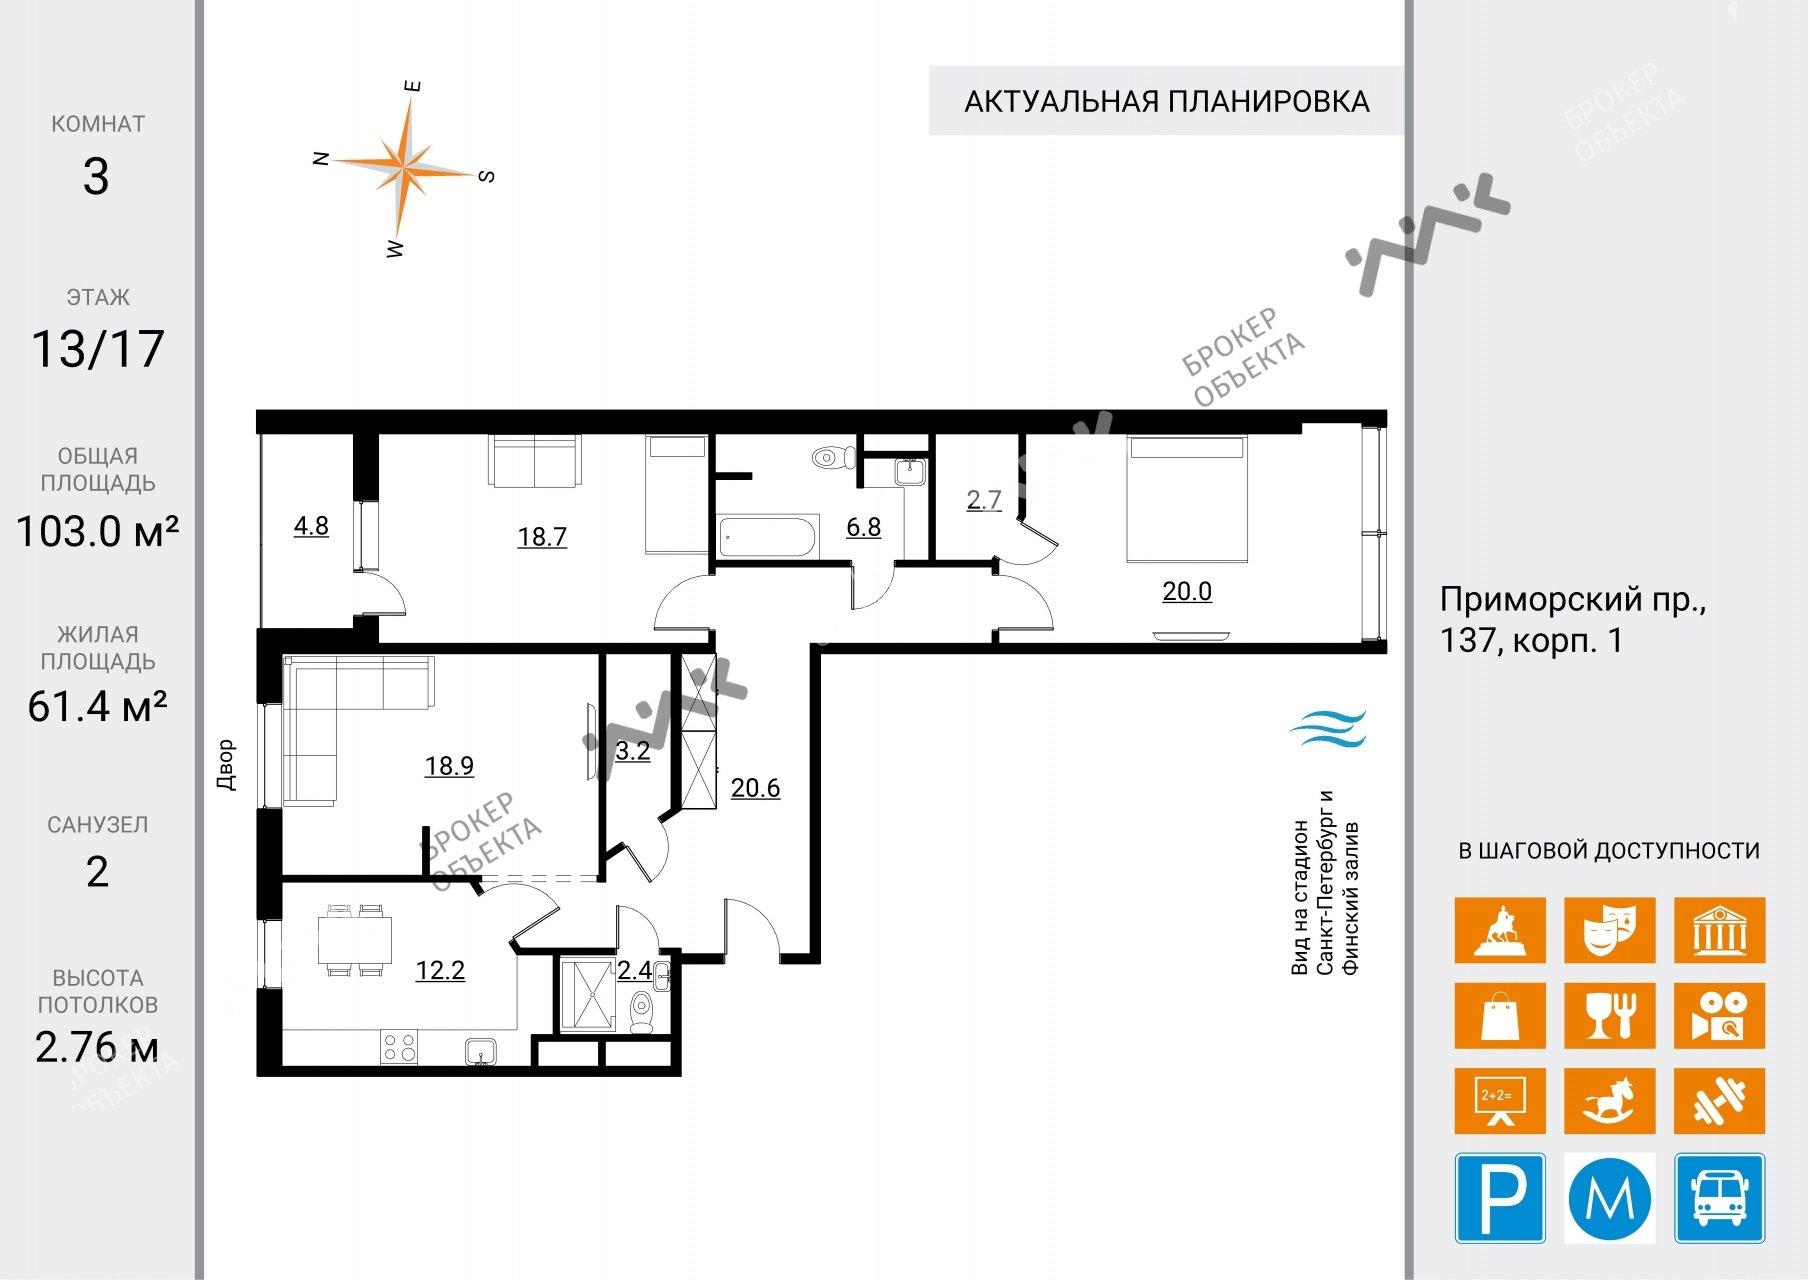 Планировка Приморский проспект, д.137, к.1. Лот № 8220443